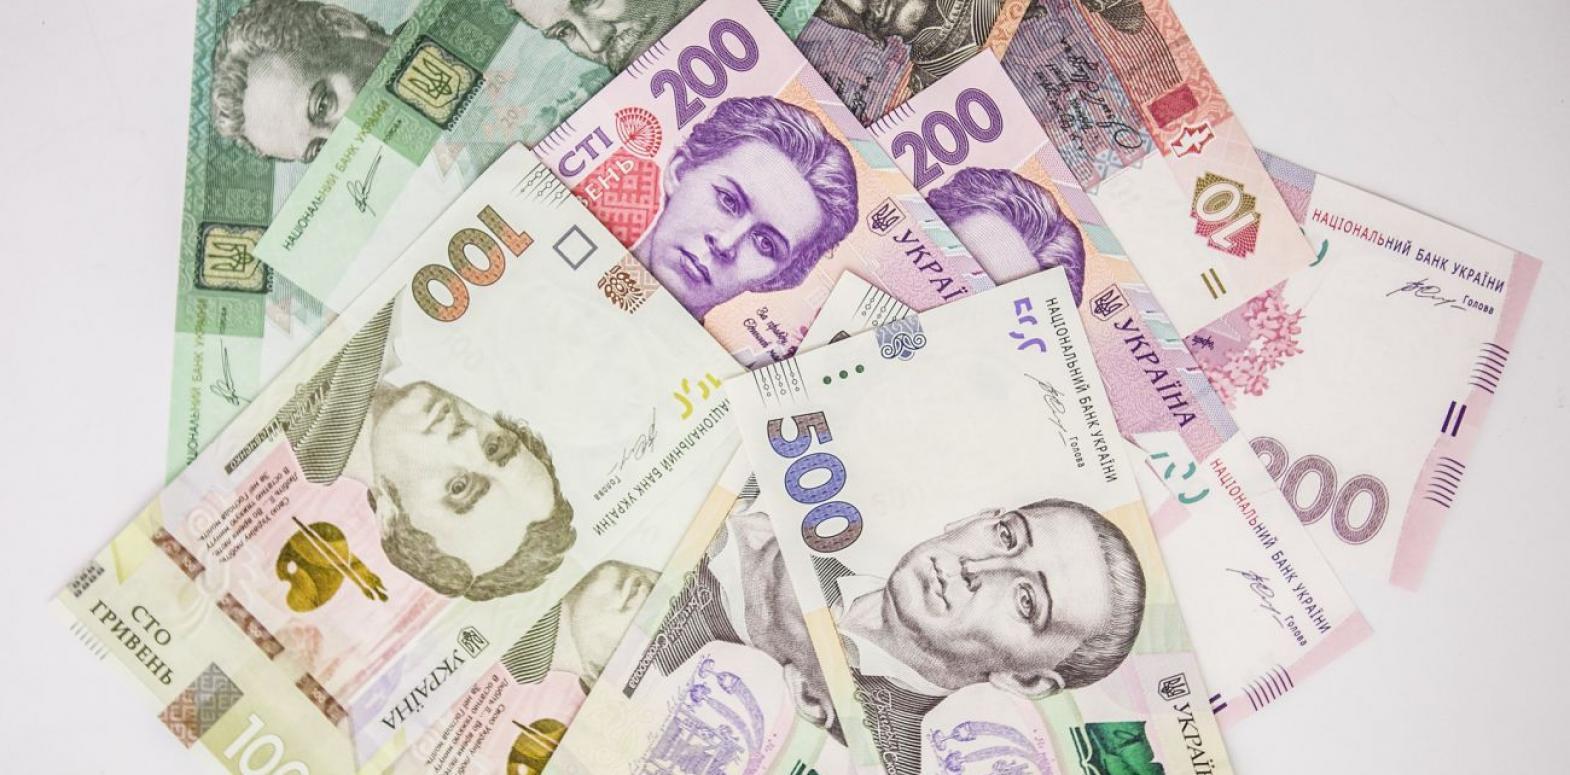 Банки снизили ставки по кредитам для населения